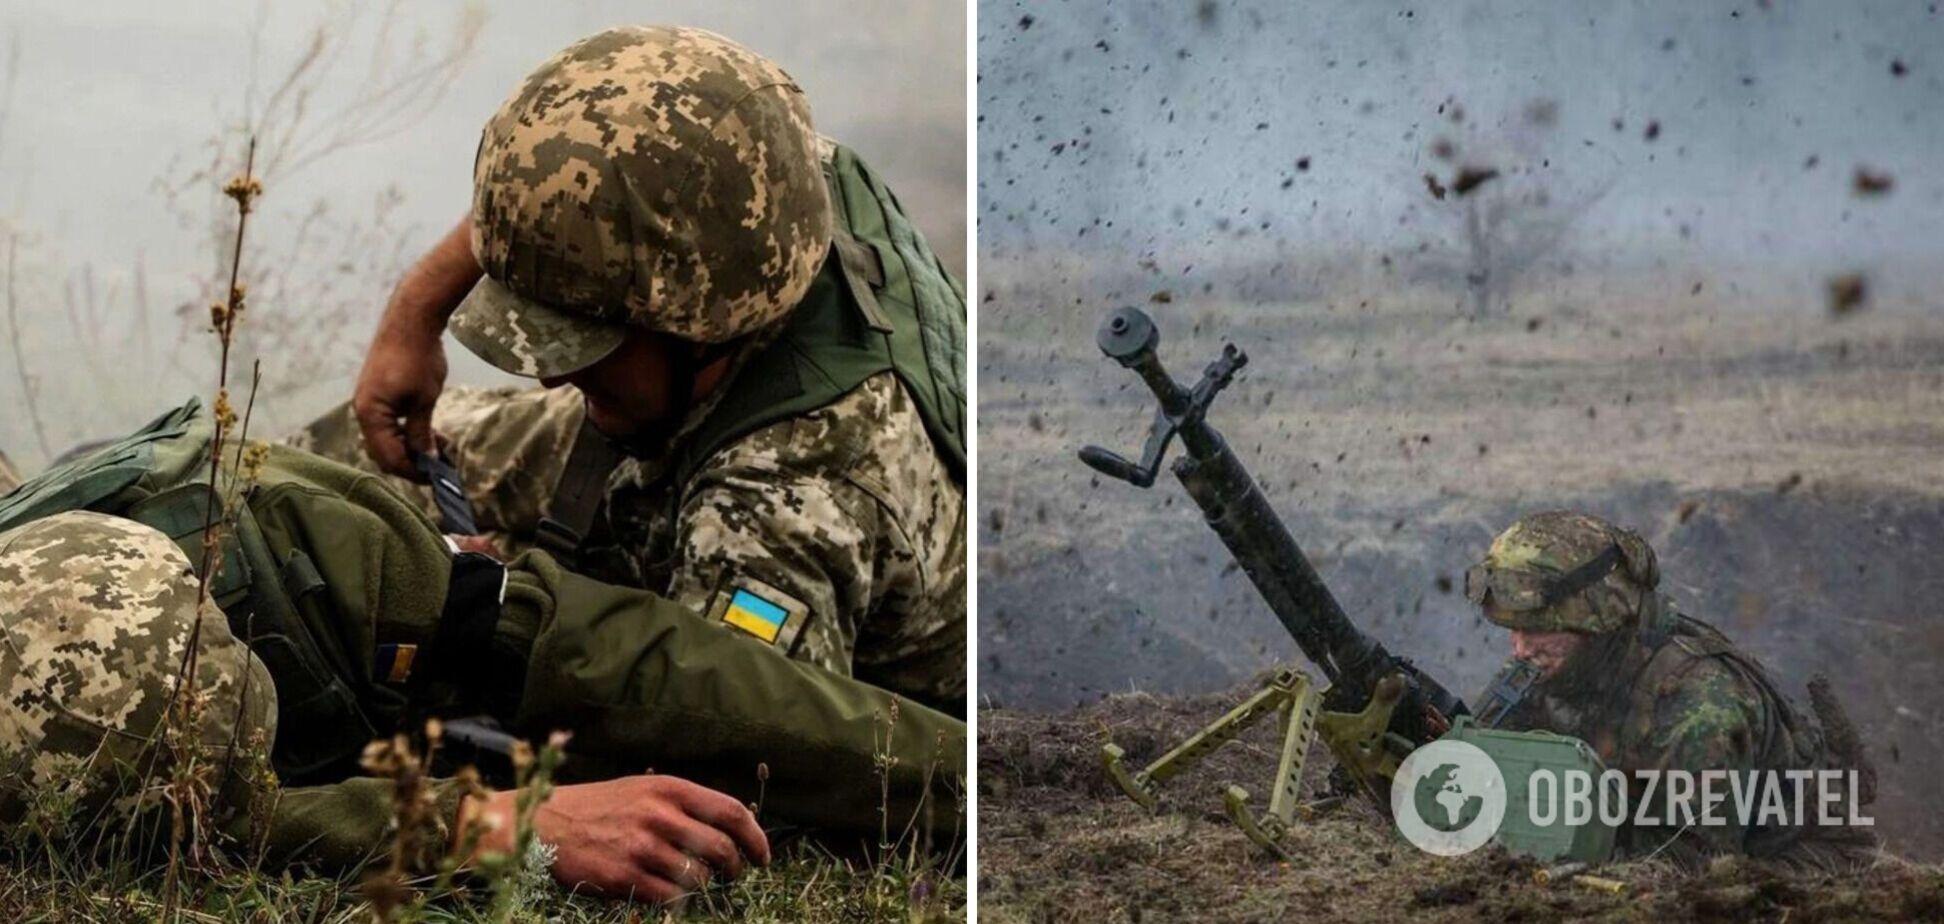 Наемники РФ на Донбассе ударили по ВСУ из запрещенного оружия и ранили военного